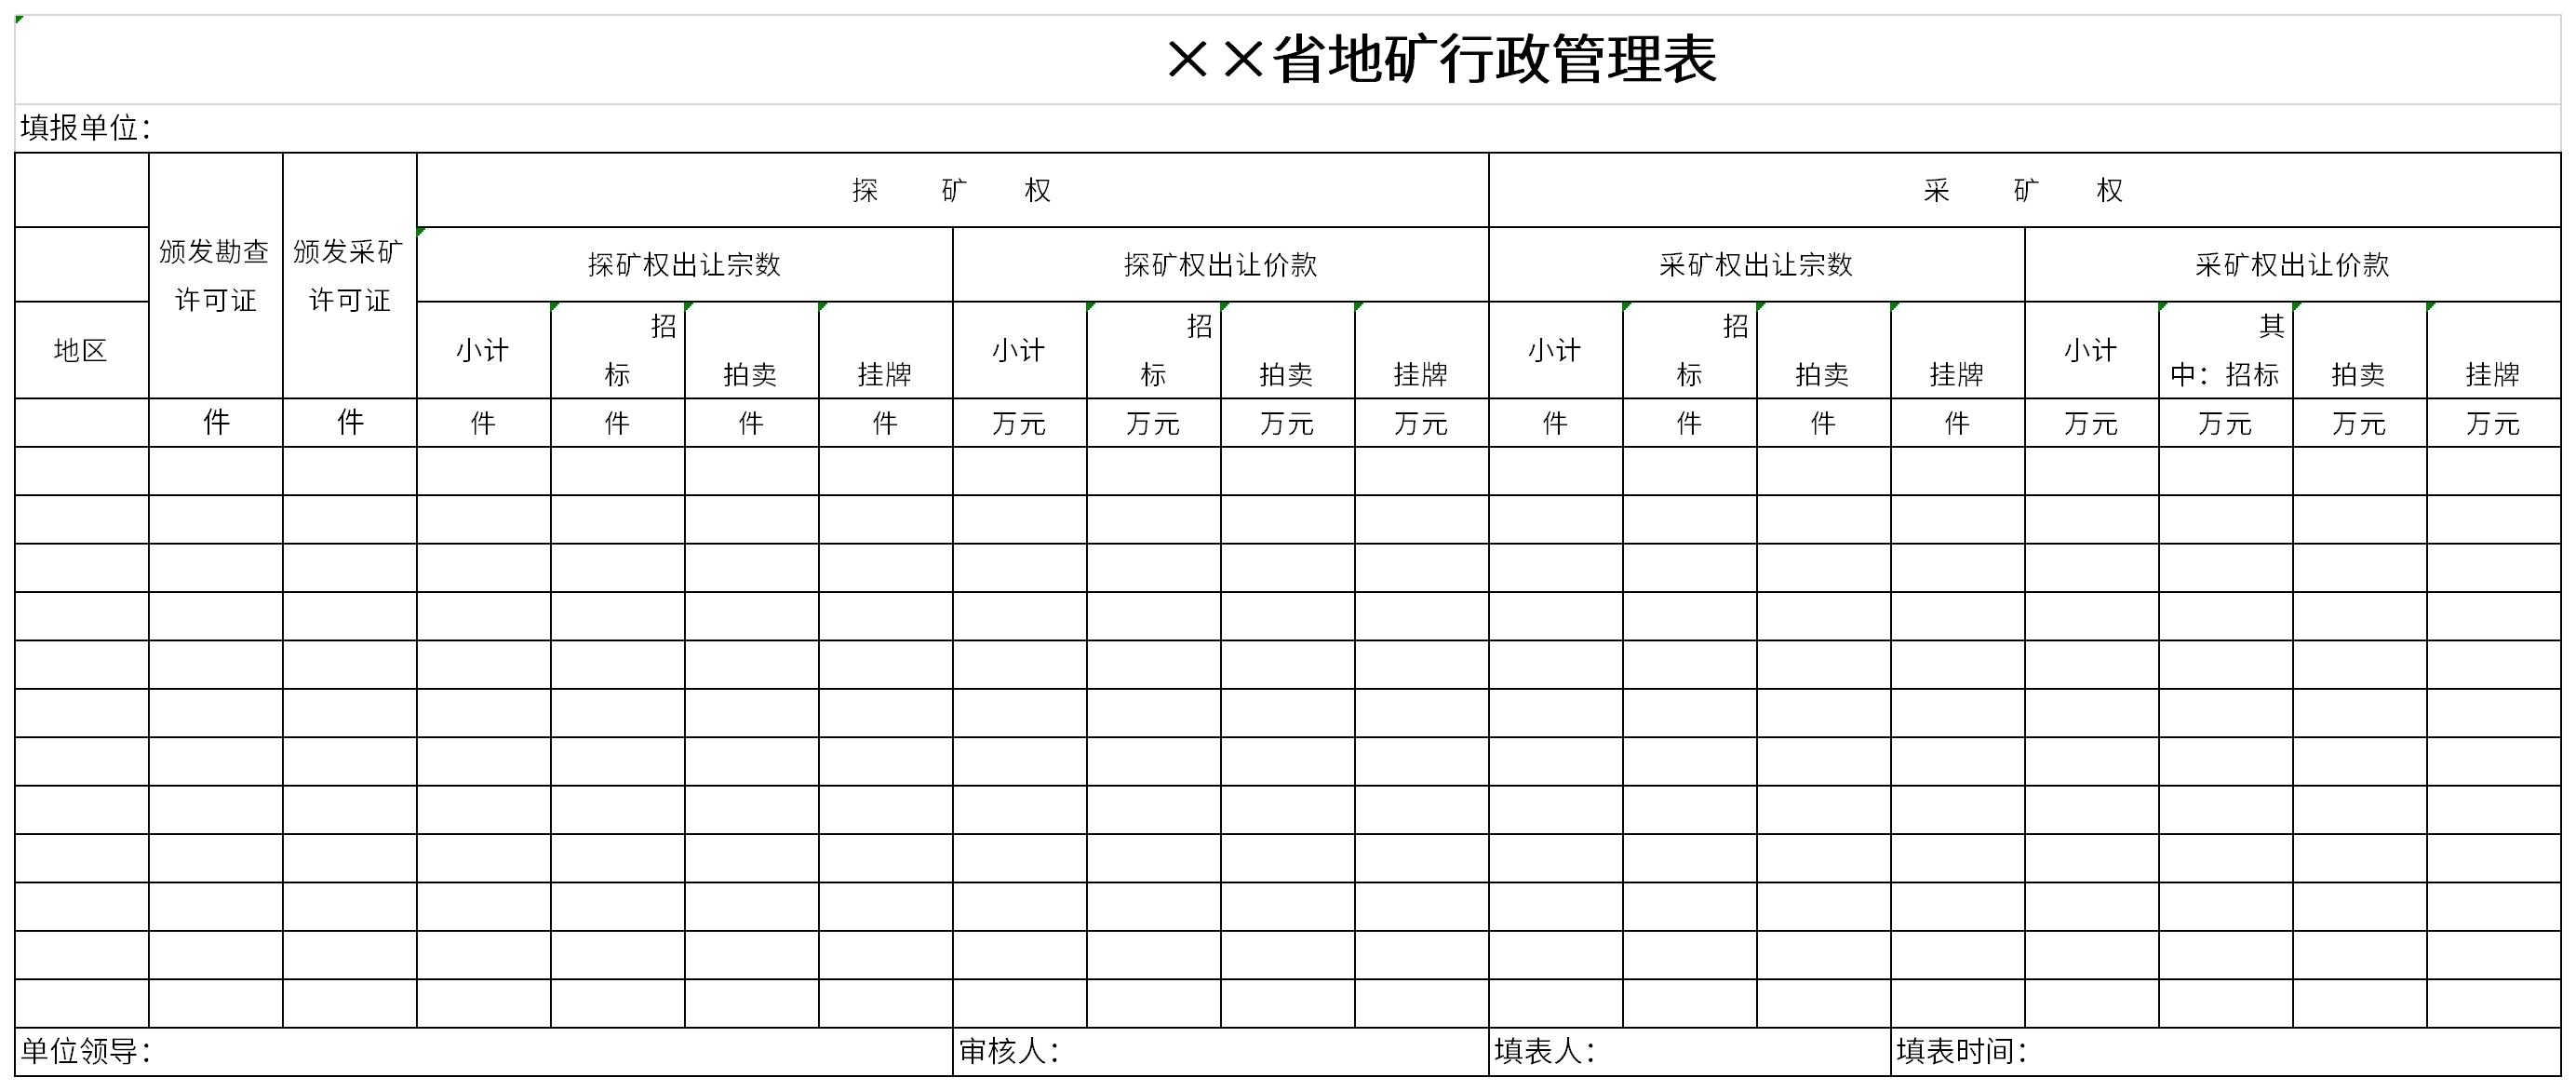 省地矿行政管理表截图